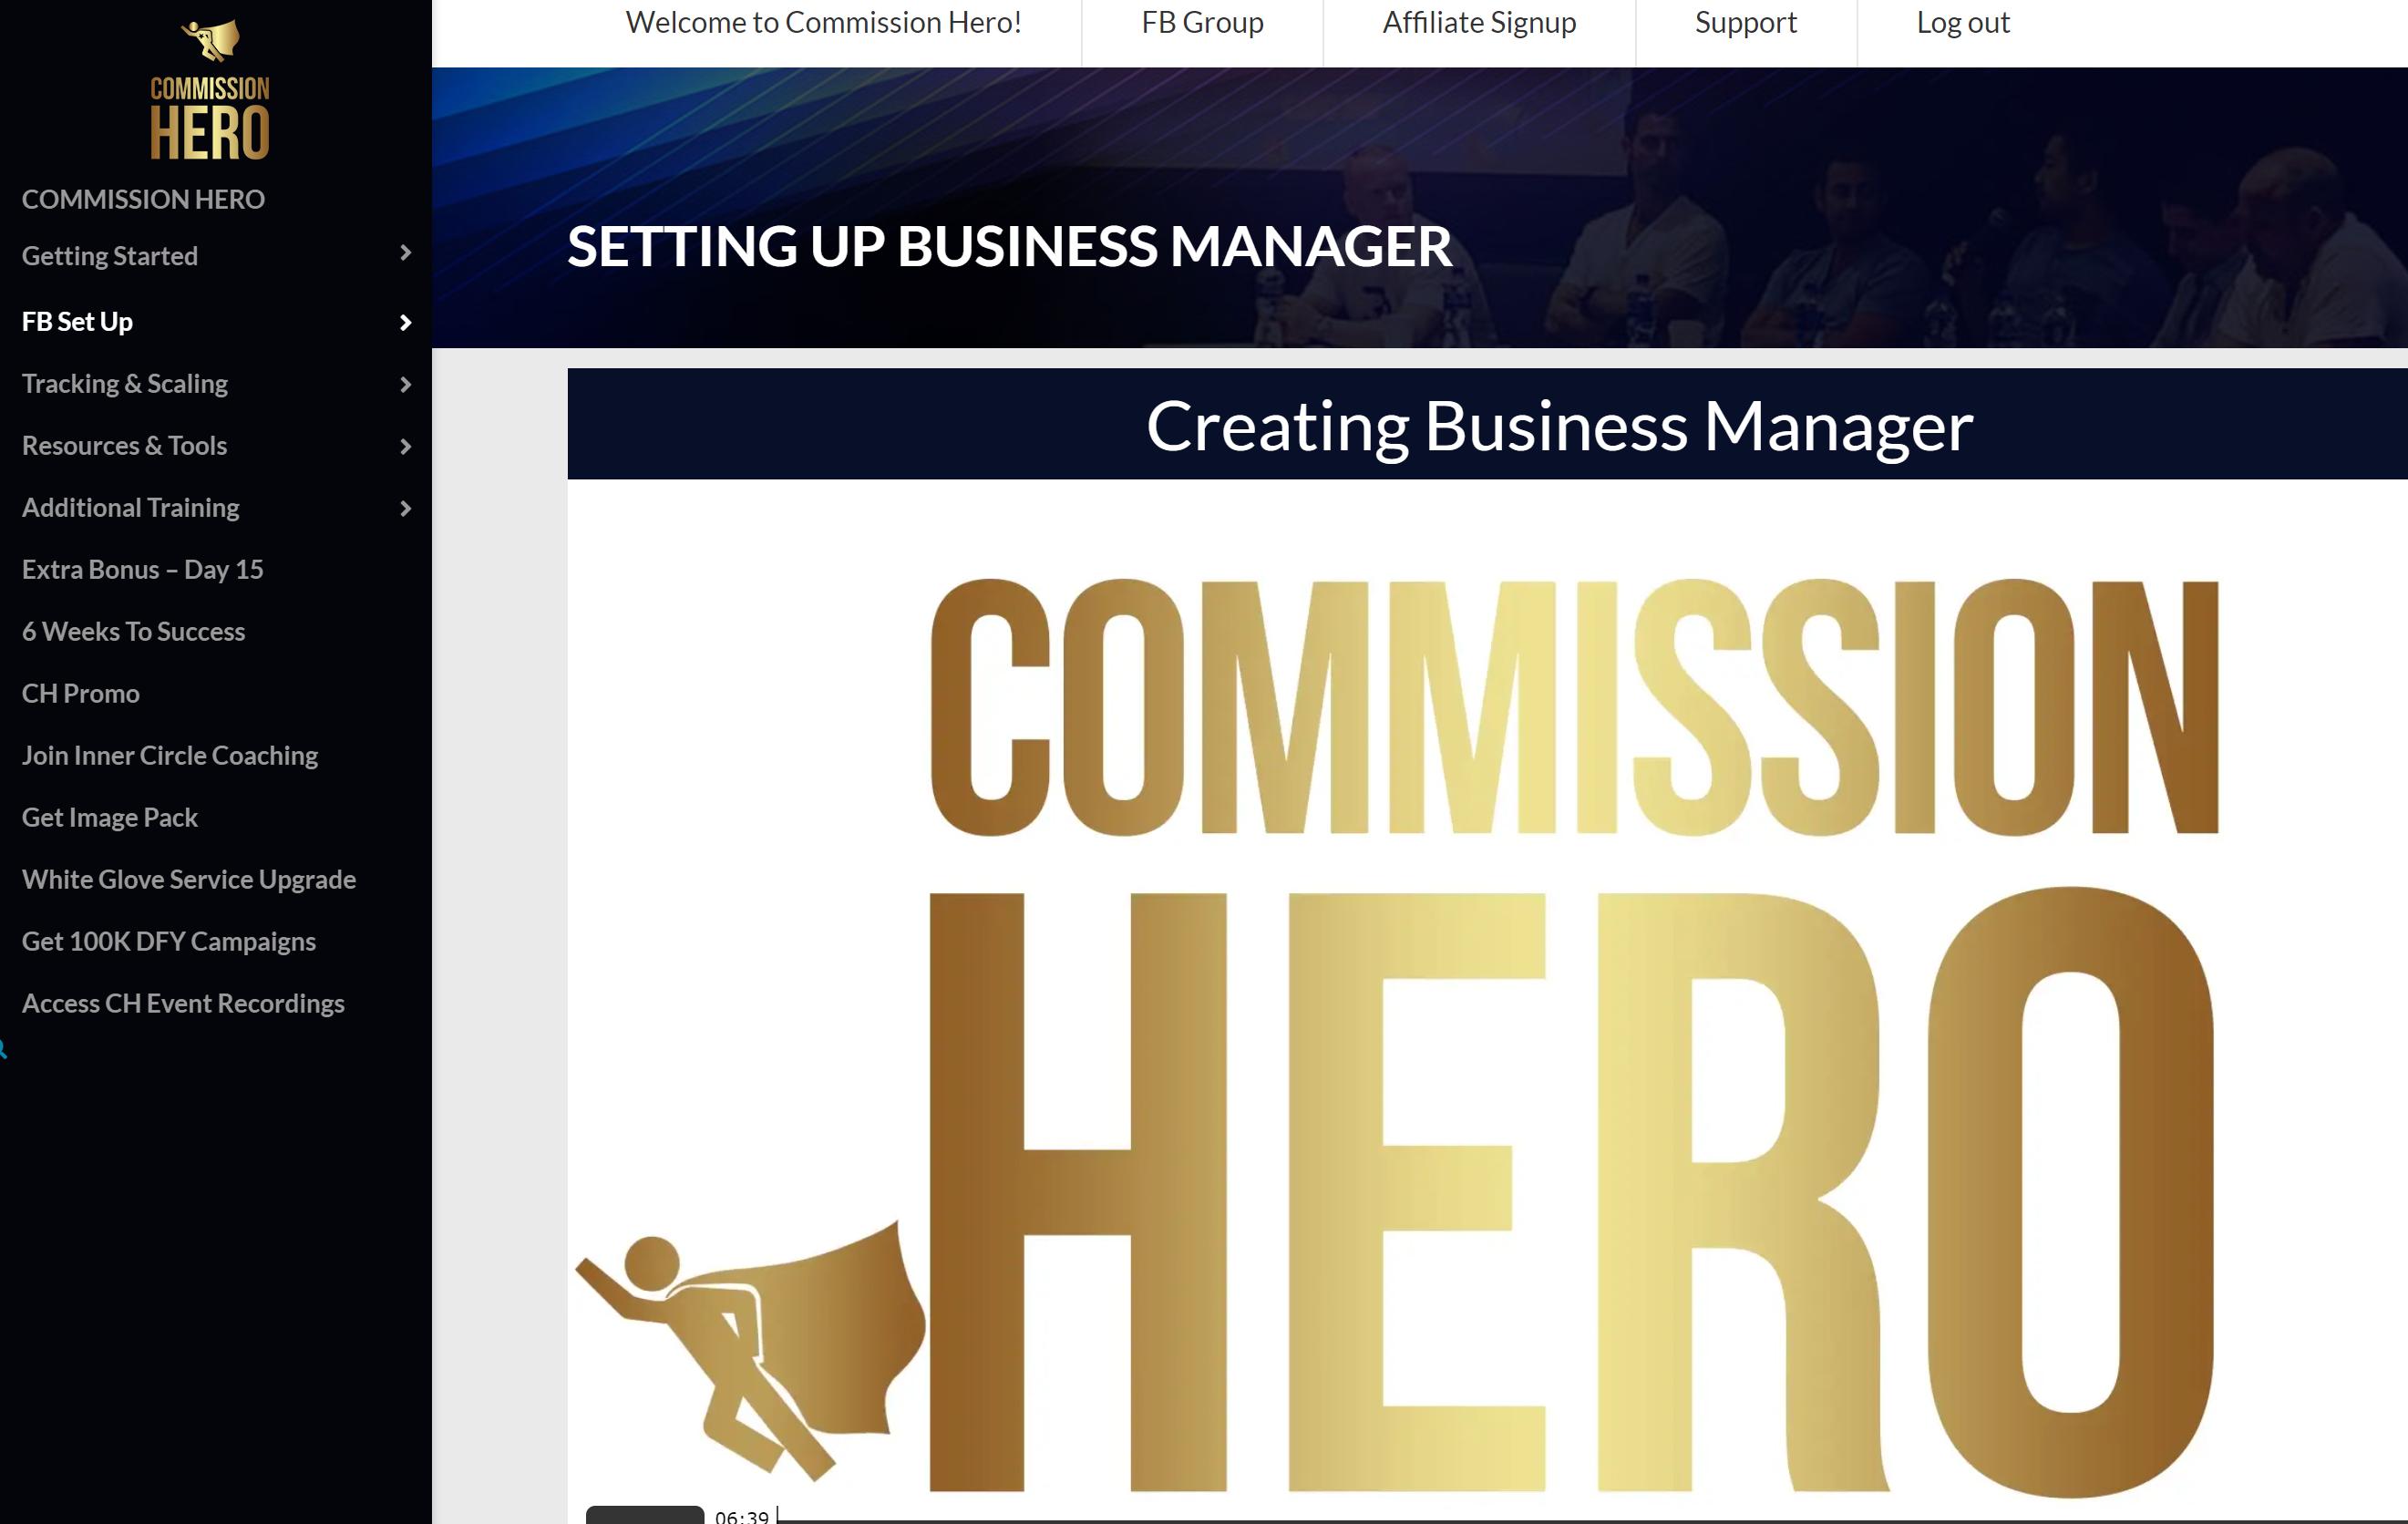 Commission Hero Facebook